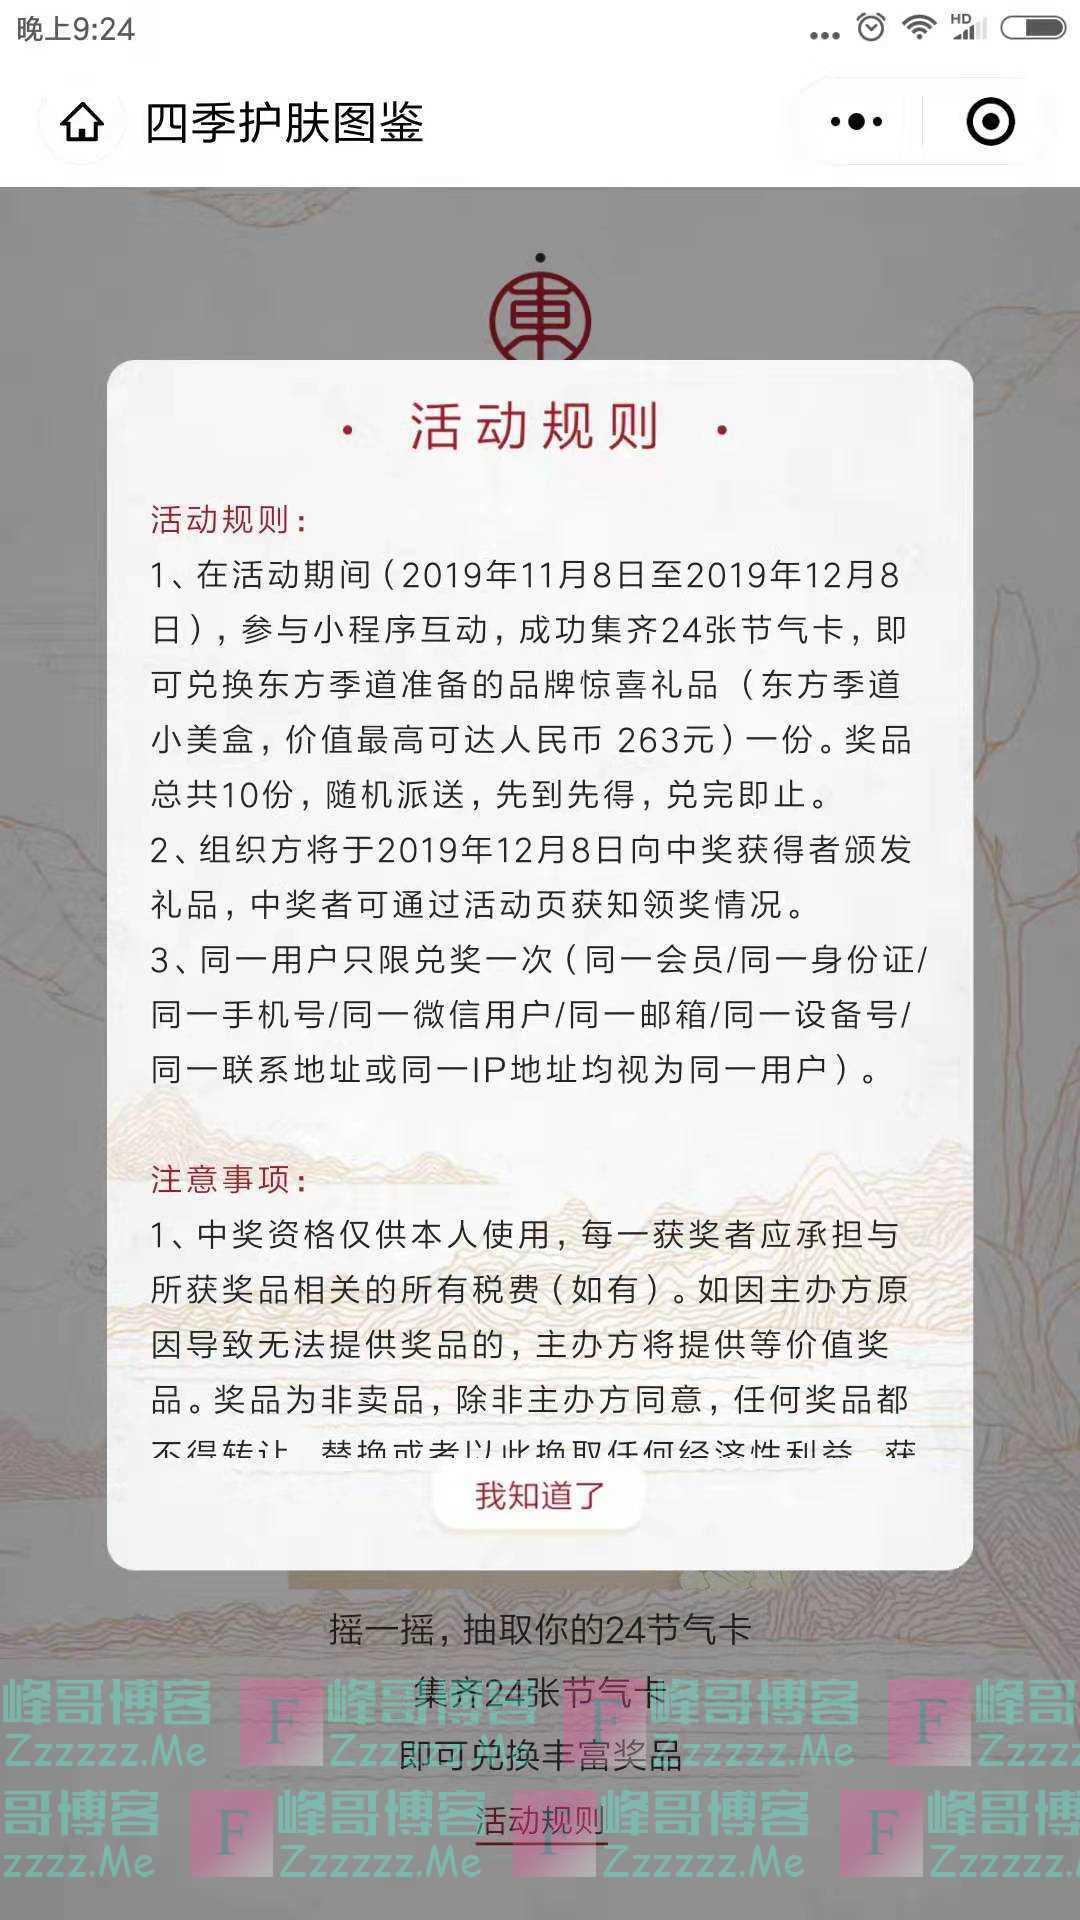 宝洁生活家集卡换美肌面膜(截止12月8日)